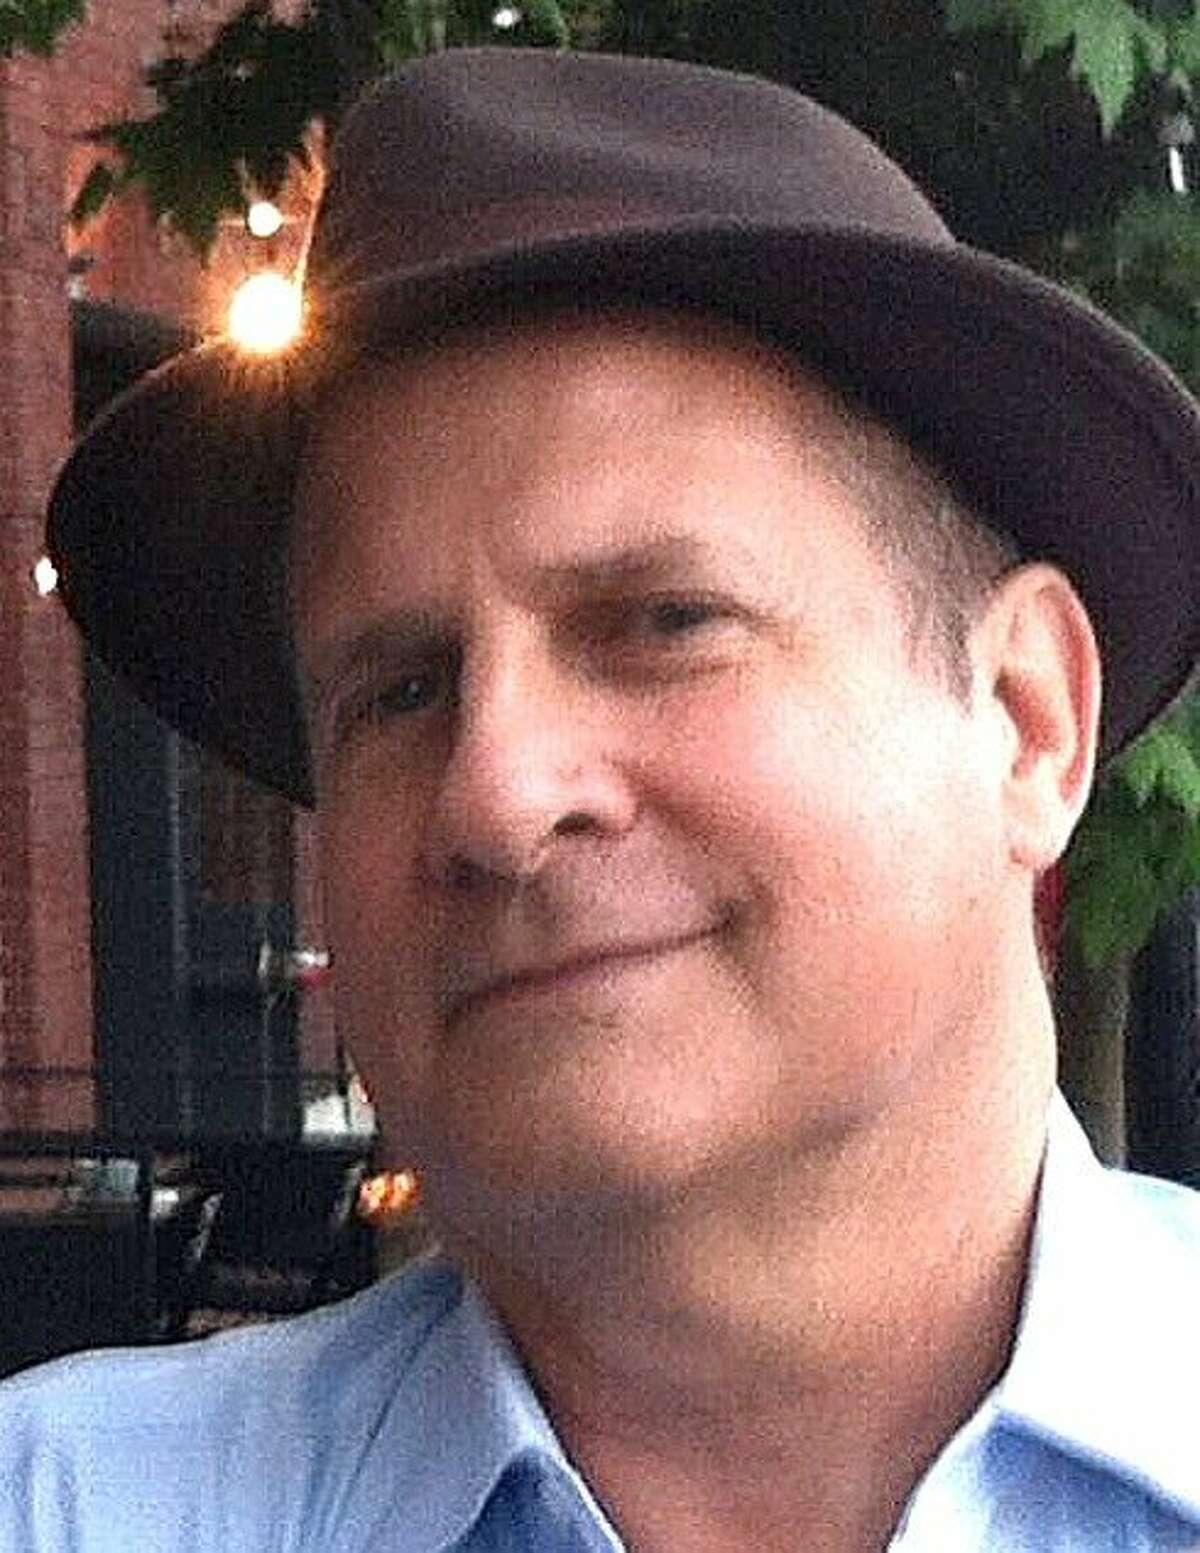 David Sullivan was perhaps best known as a private investigator in San Francisco.